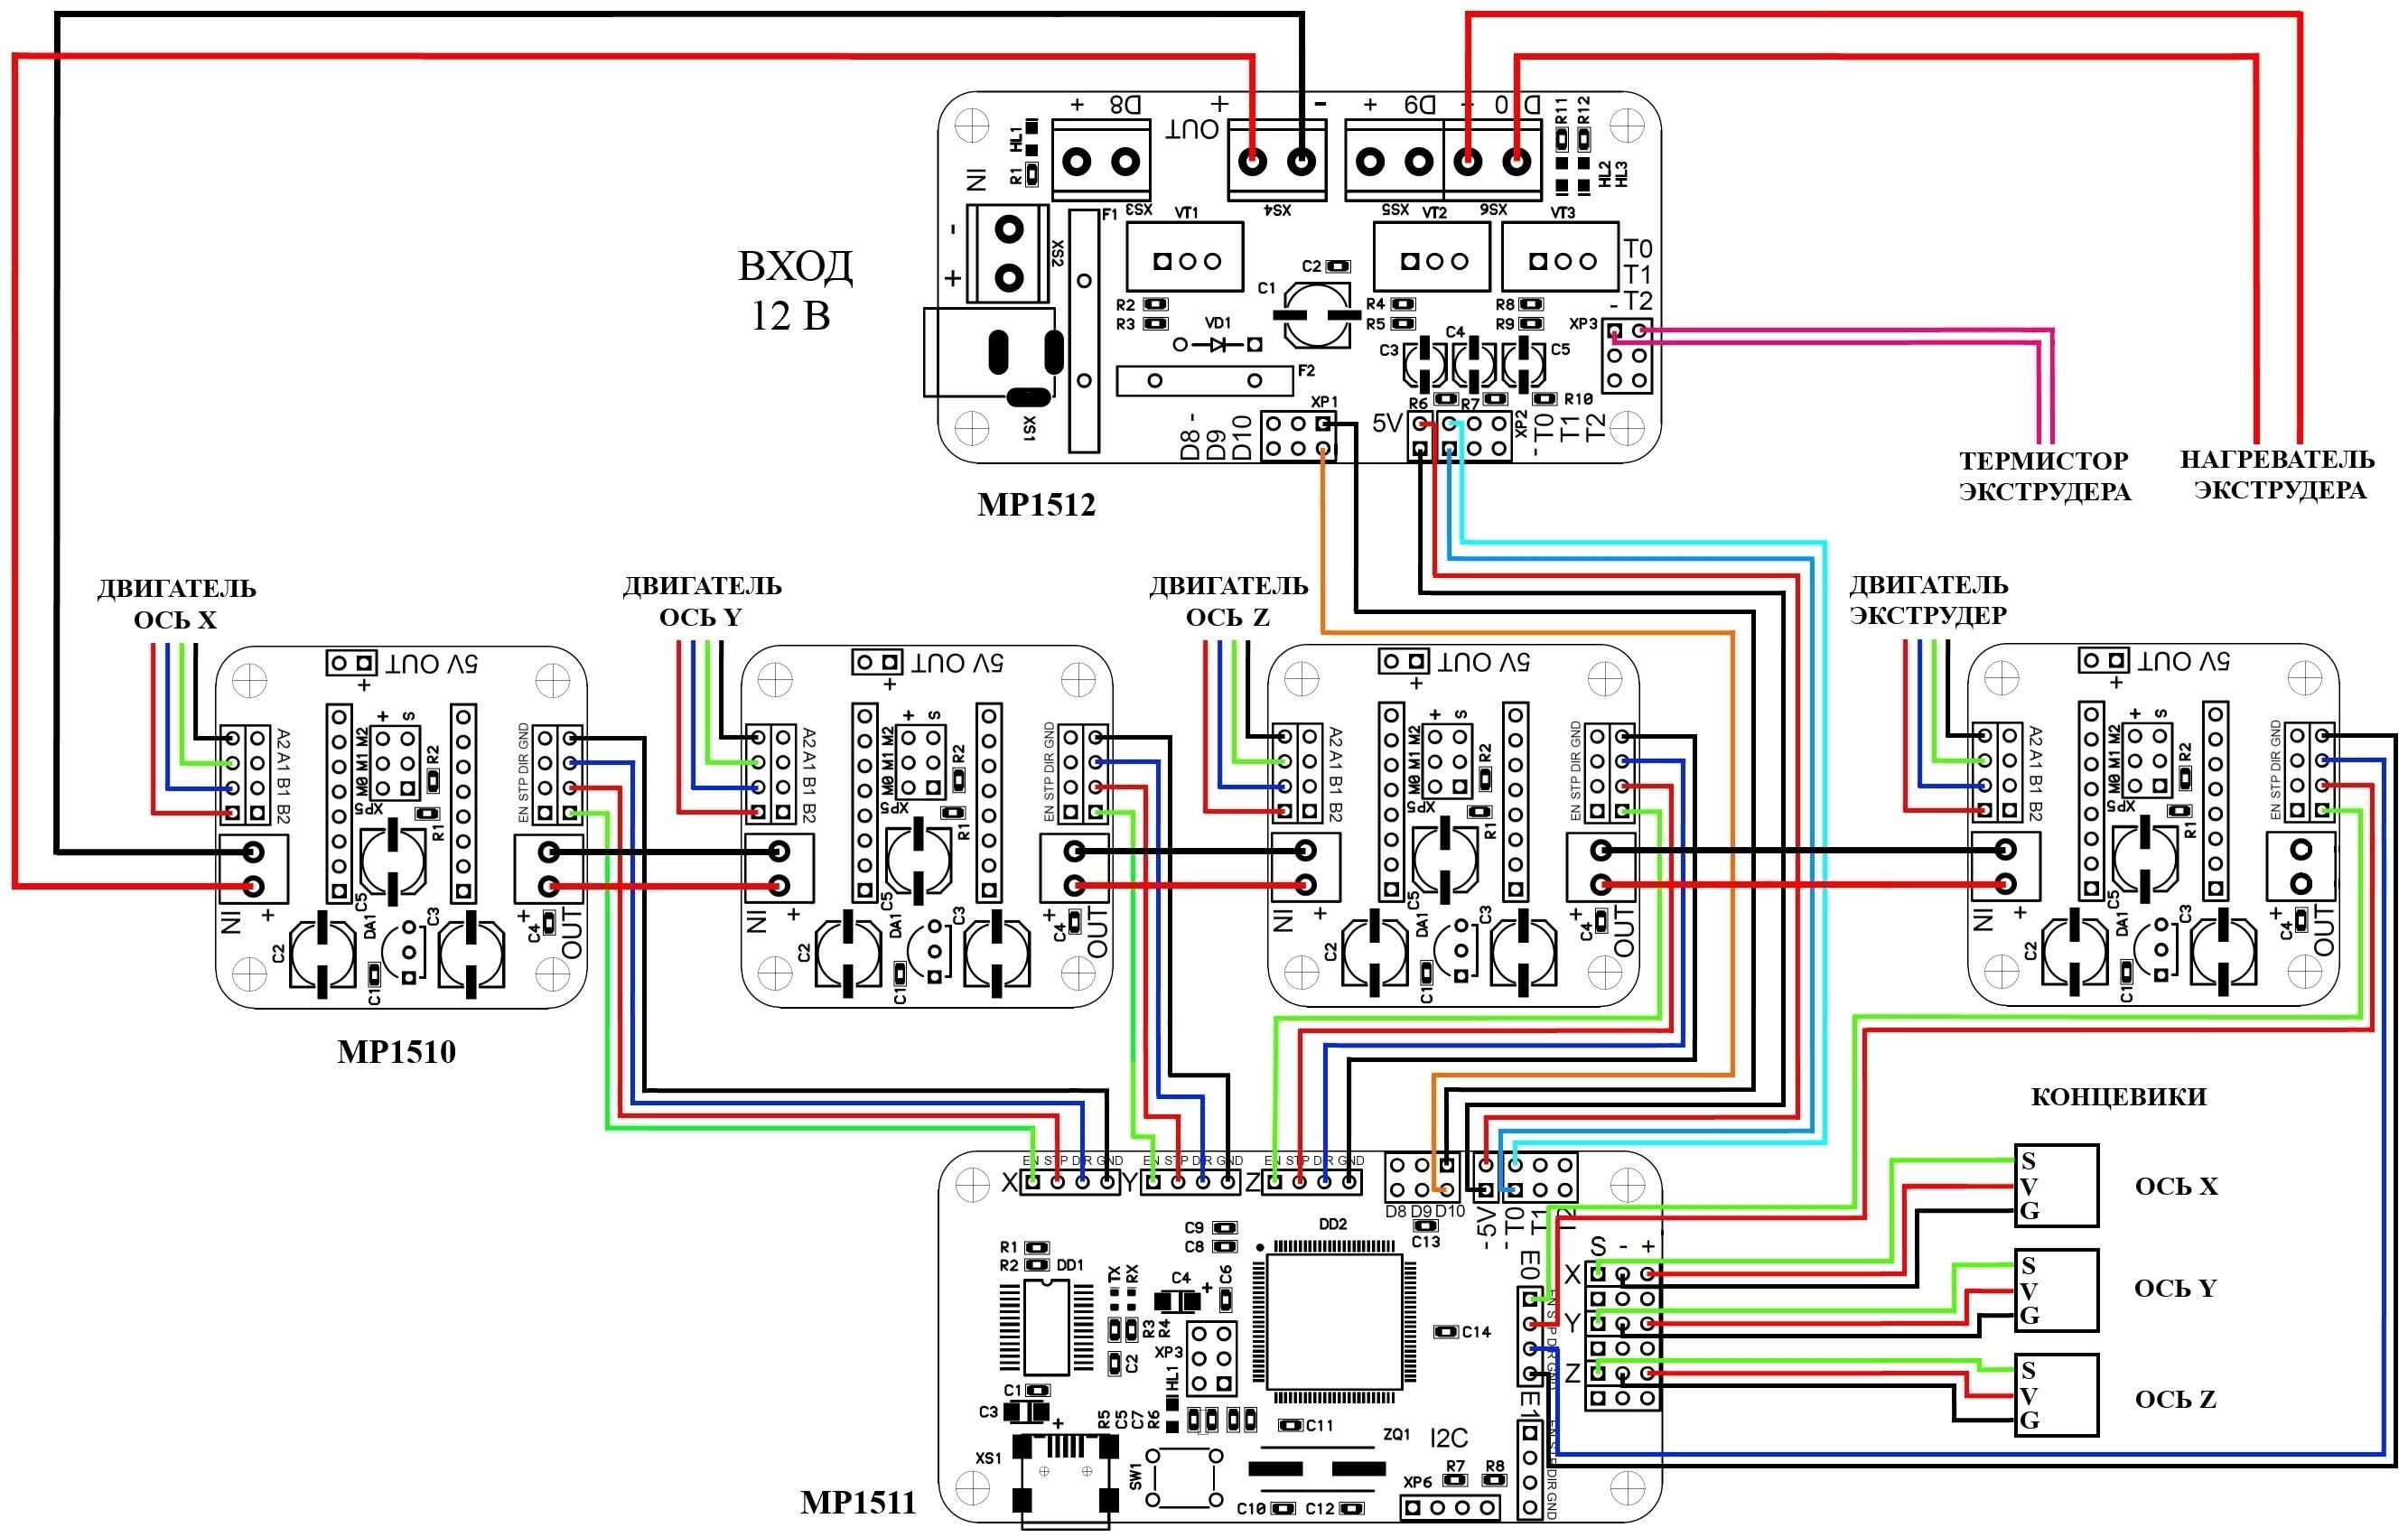 Как обновить модуль adobe flash player в яндекс браузере на виндовс 7 - 320